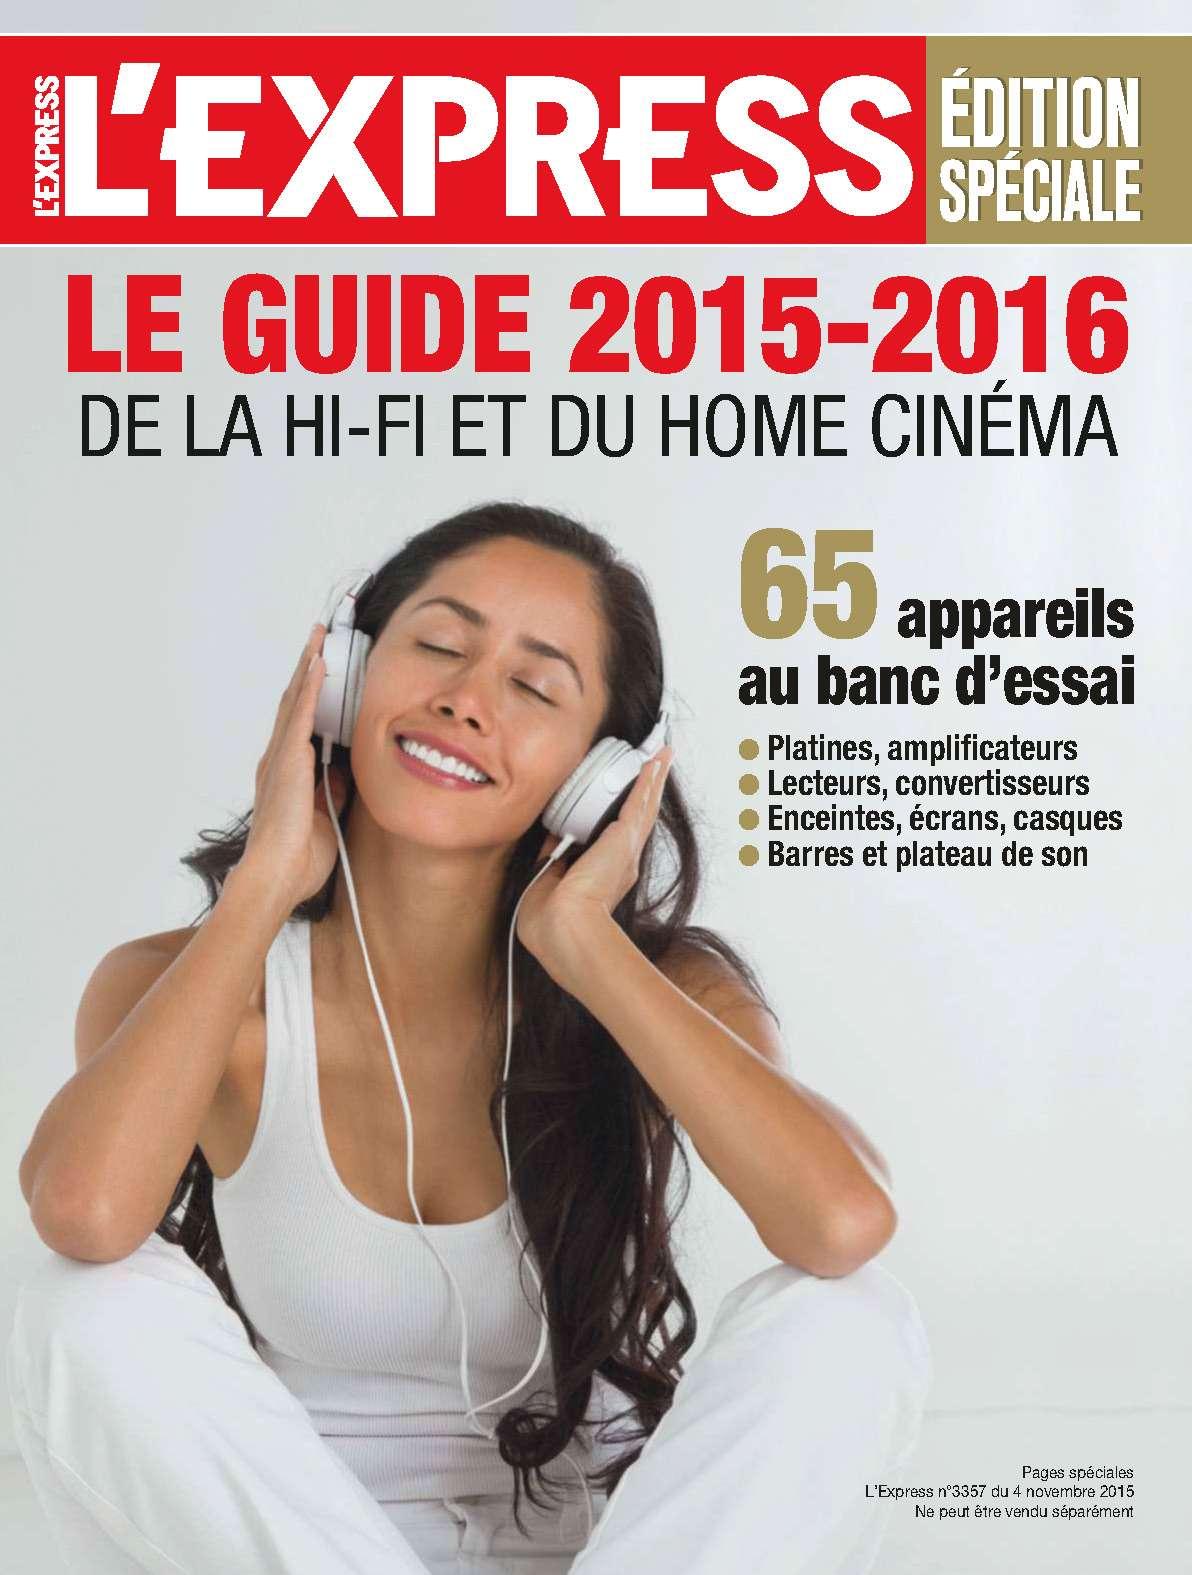 L'Express 3357 - Edition spécial 4 au 11 Novembre 2015